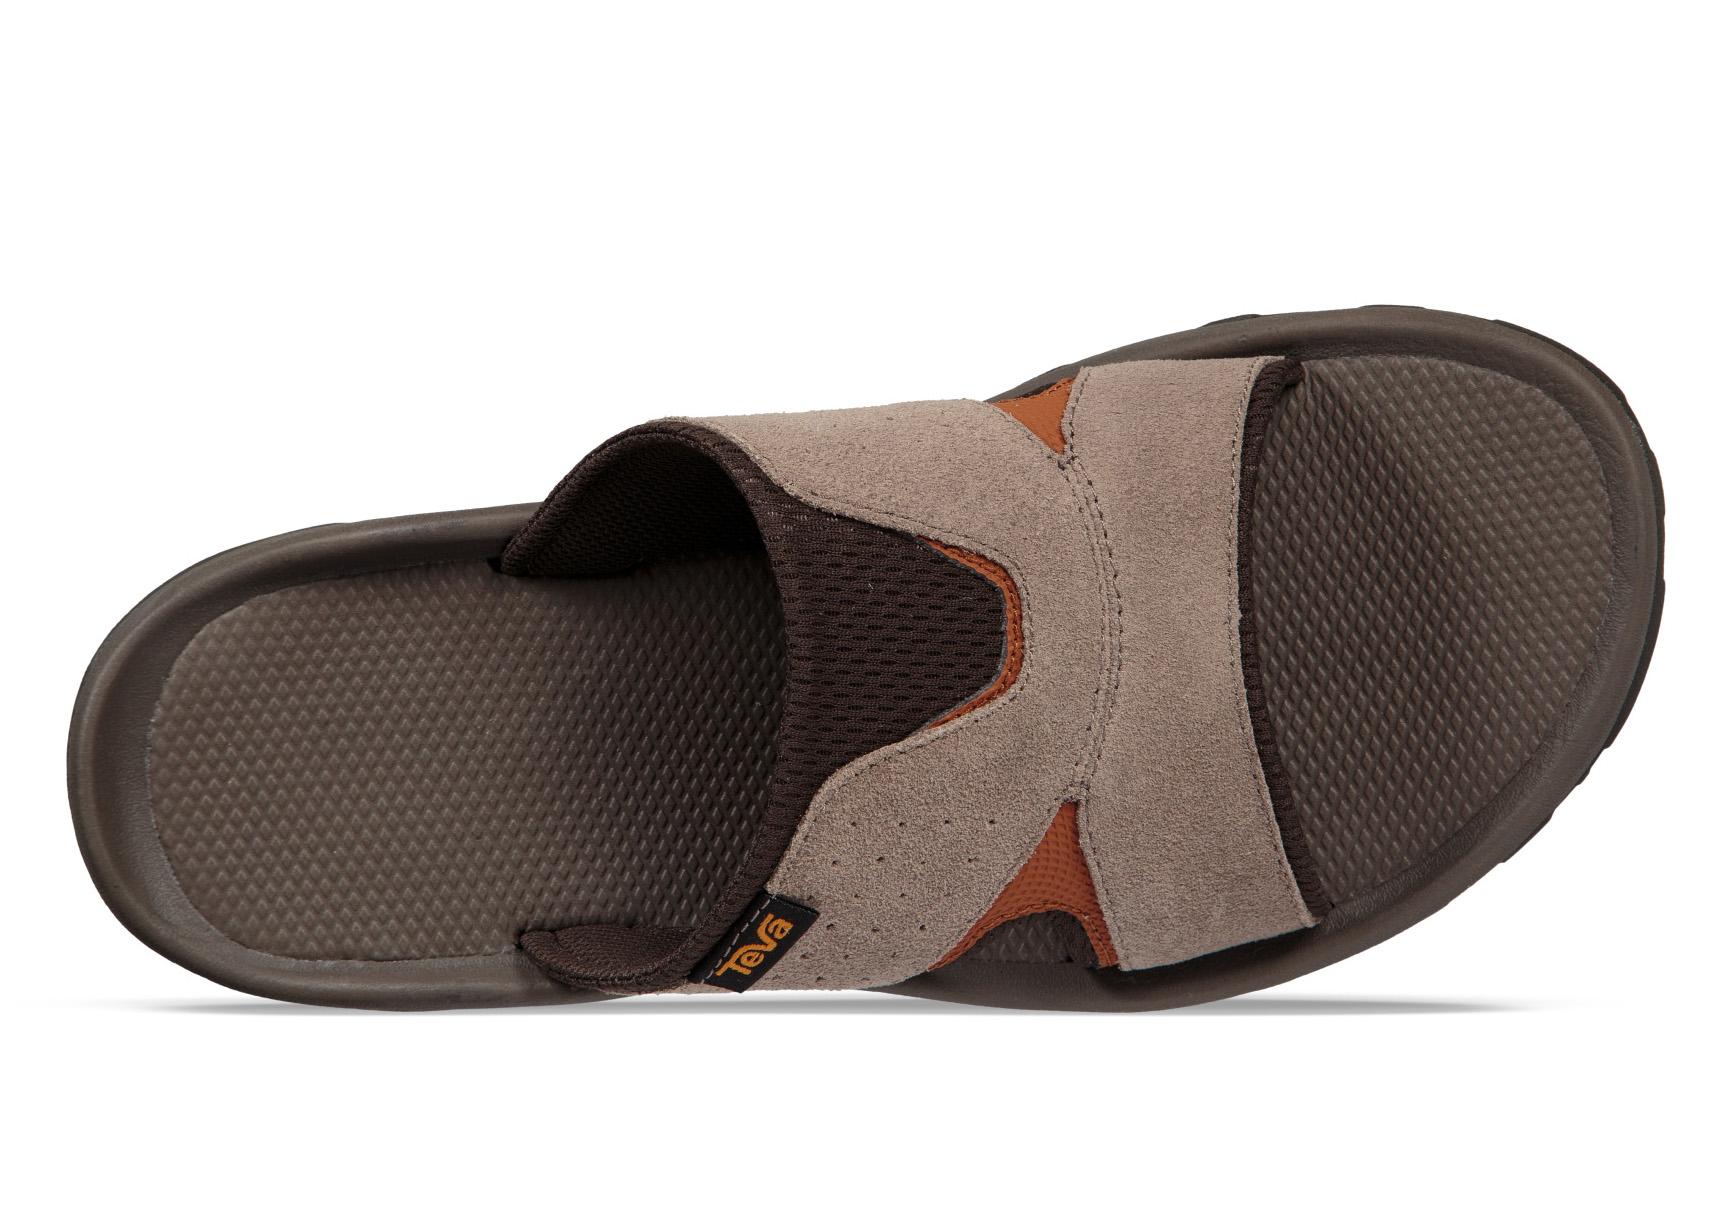 62c15ece0 Mens Teva Katavi 2 Slide Sandal Walnut in Brown